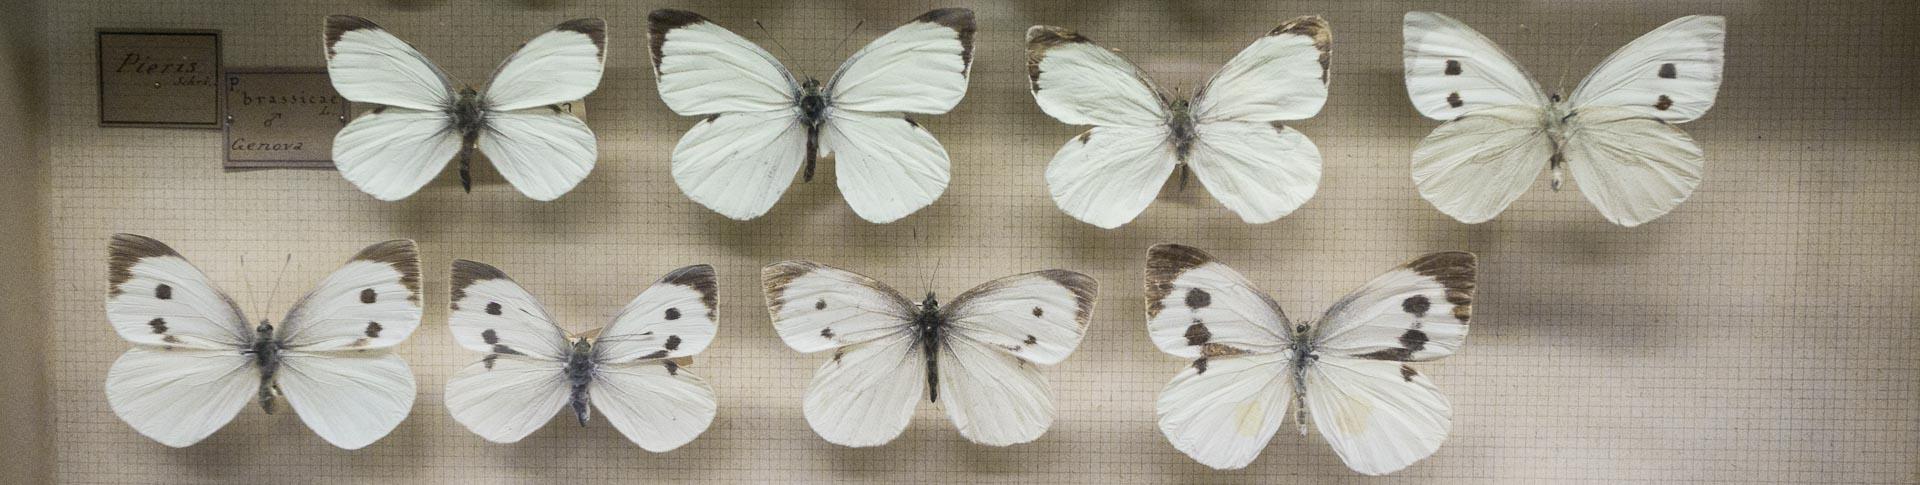 Museo di storia naturale